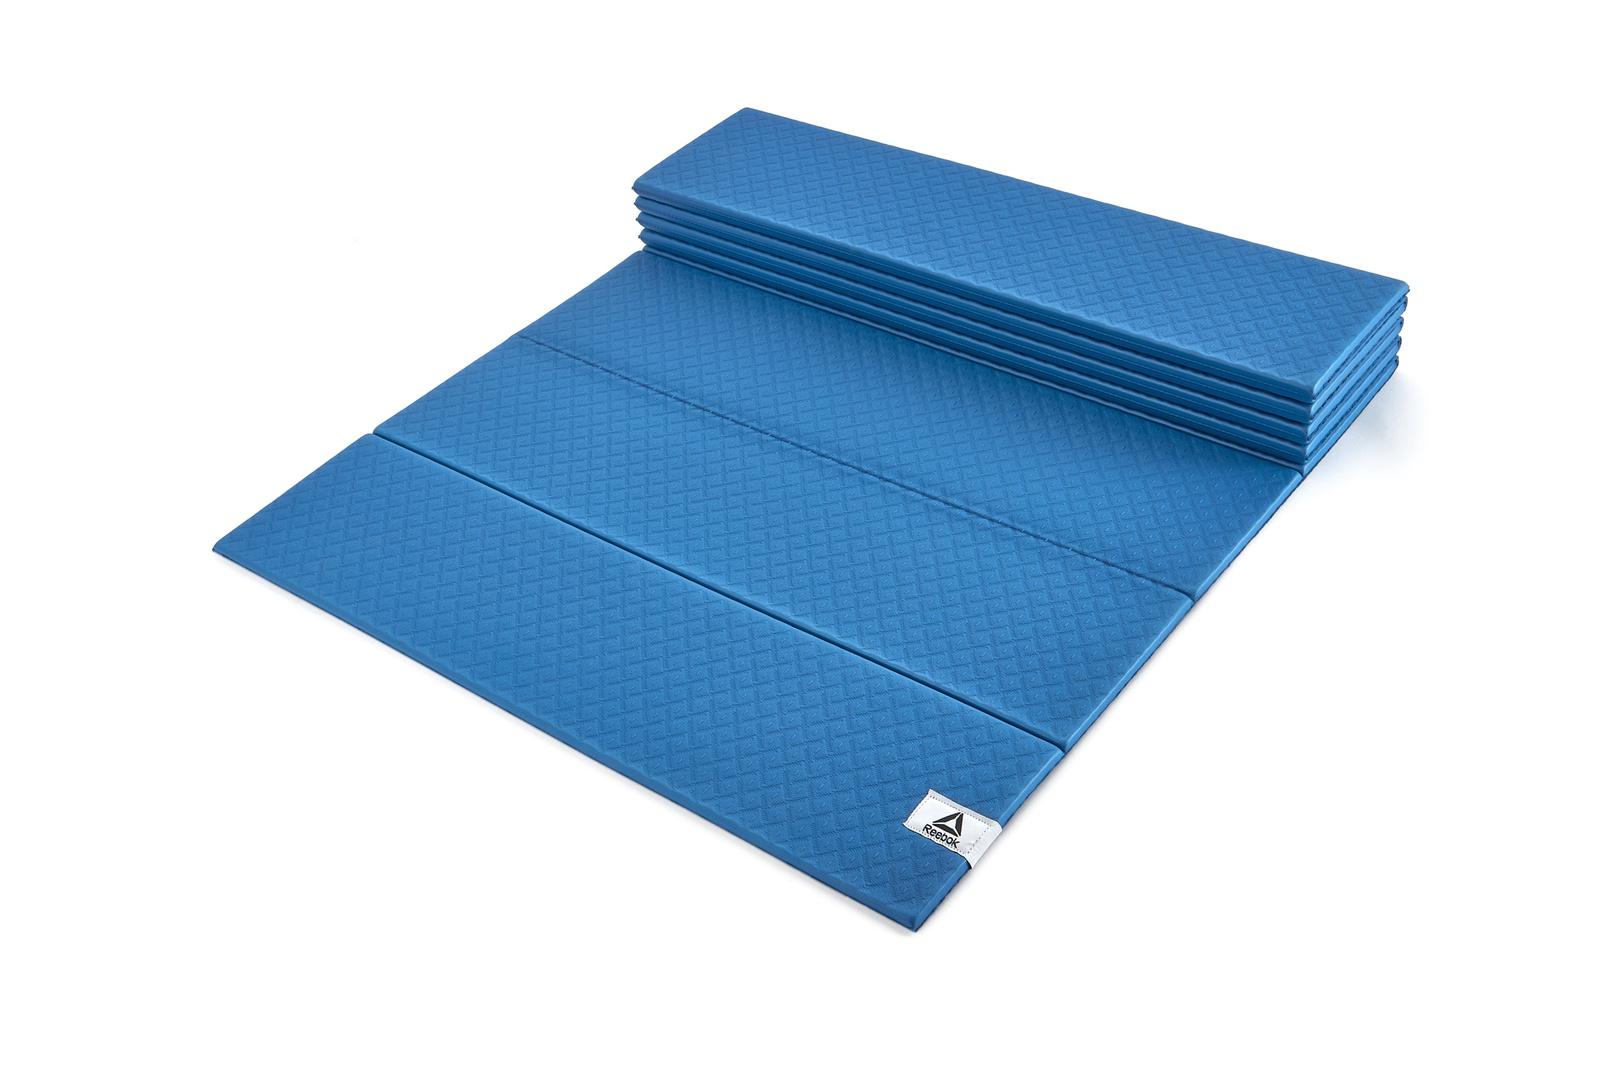 Мат Reebok нет, RAYG-11050BL, синийRAYG-11050BLРазработанный с использованием уникальной складной конструкции, складной коврик для йоги Reebok создает устойчивую поверхность, которая помогает дольше и стабильнее удерживать позы. Складная конструкция позволяет быстро раскладывать и складывать коврик, легко хранить и перевозить его, занимая совсем мало места, и сохранять при этом комфорт и долговечность. Плотный 6-миллиметровый коврик имеет надежное сцепление с полом. Коврик также имеет нескользящую основу, позволяющую минимизировать скольжение во время тренировки.